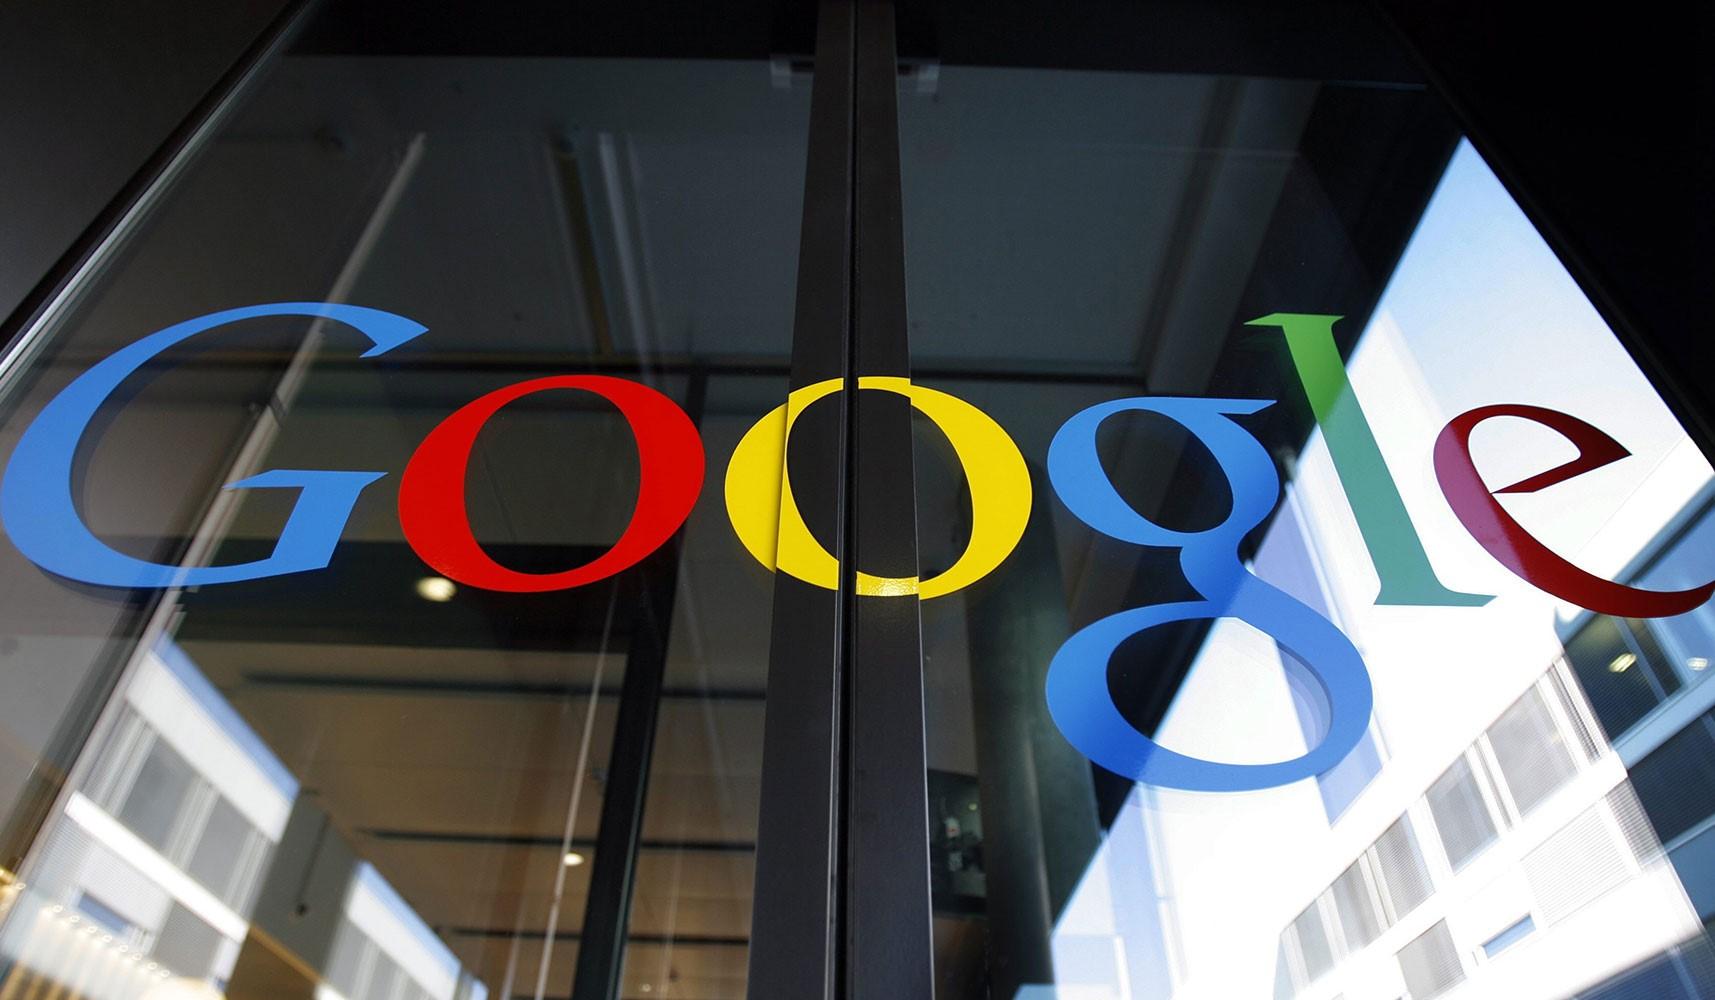 google kataskevi istoselidon eshop pliroforiki codewild